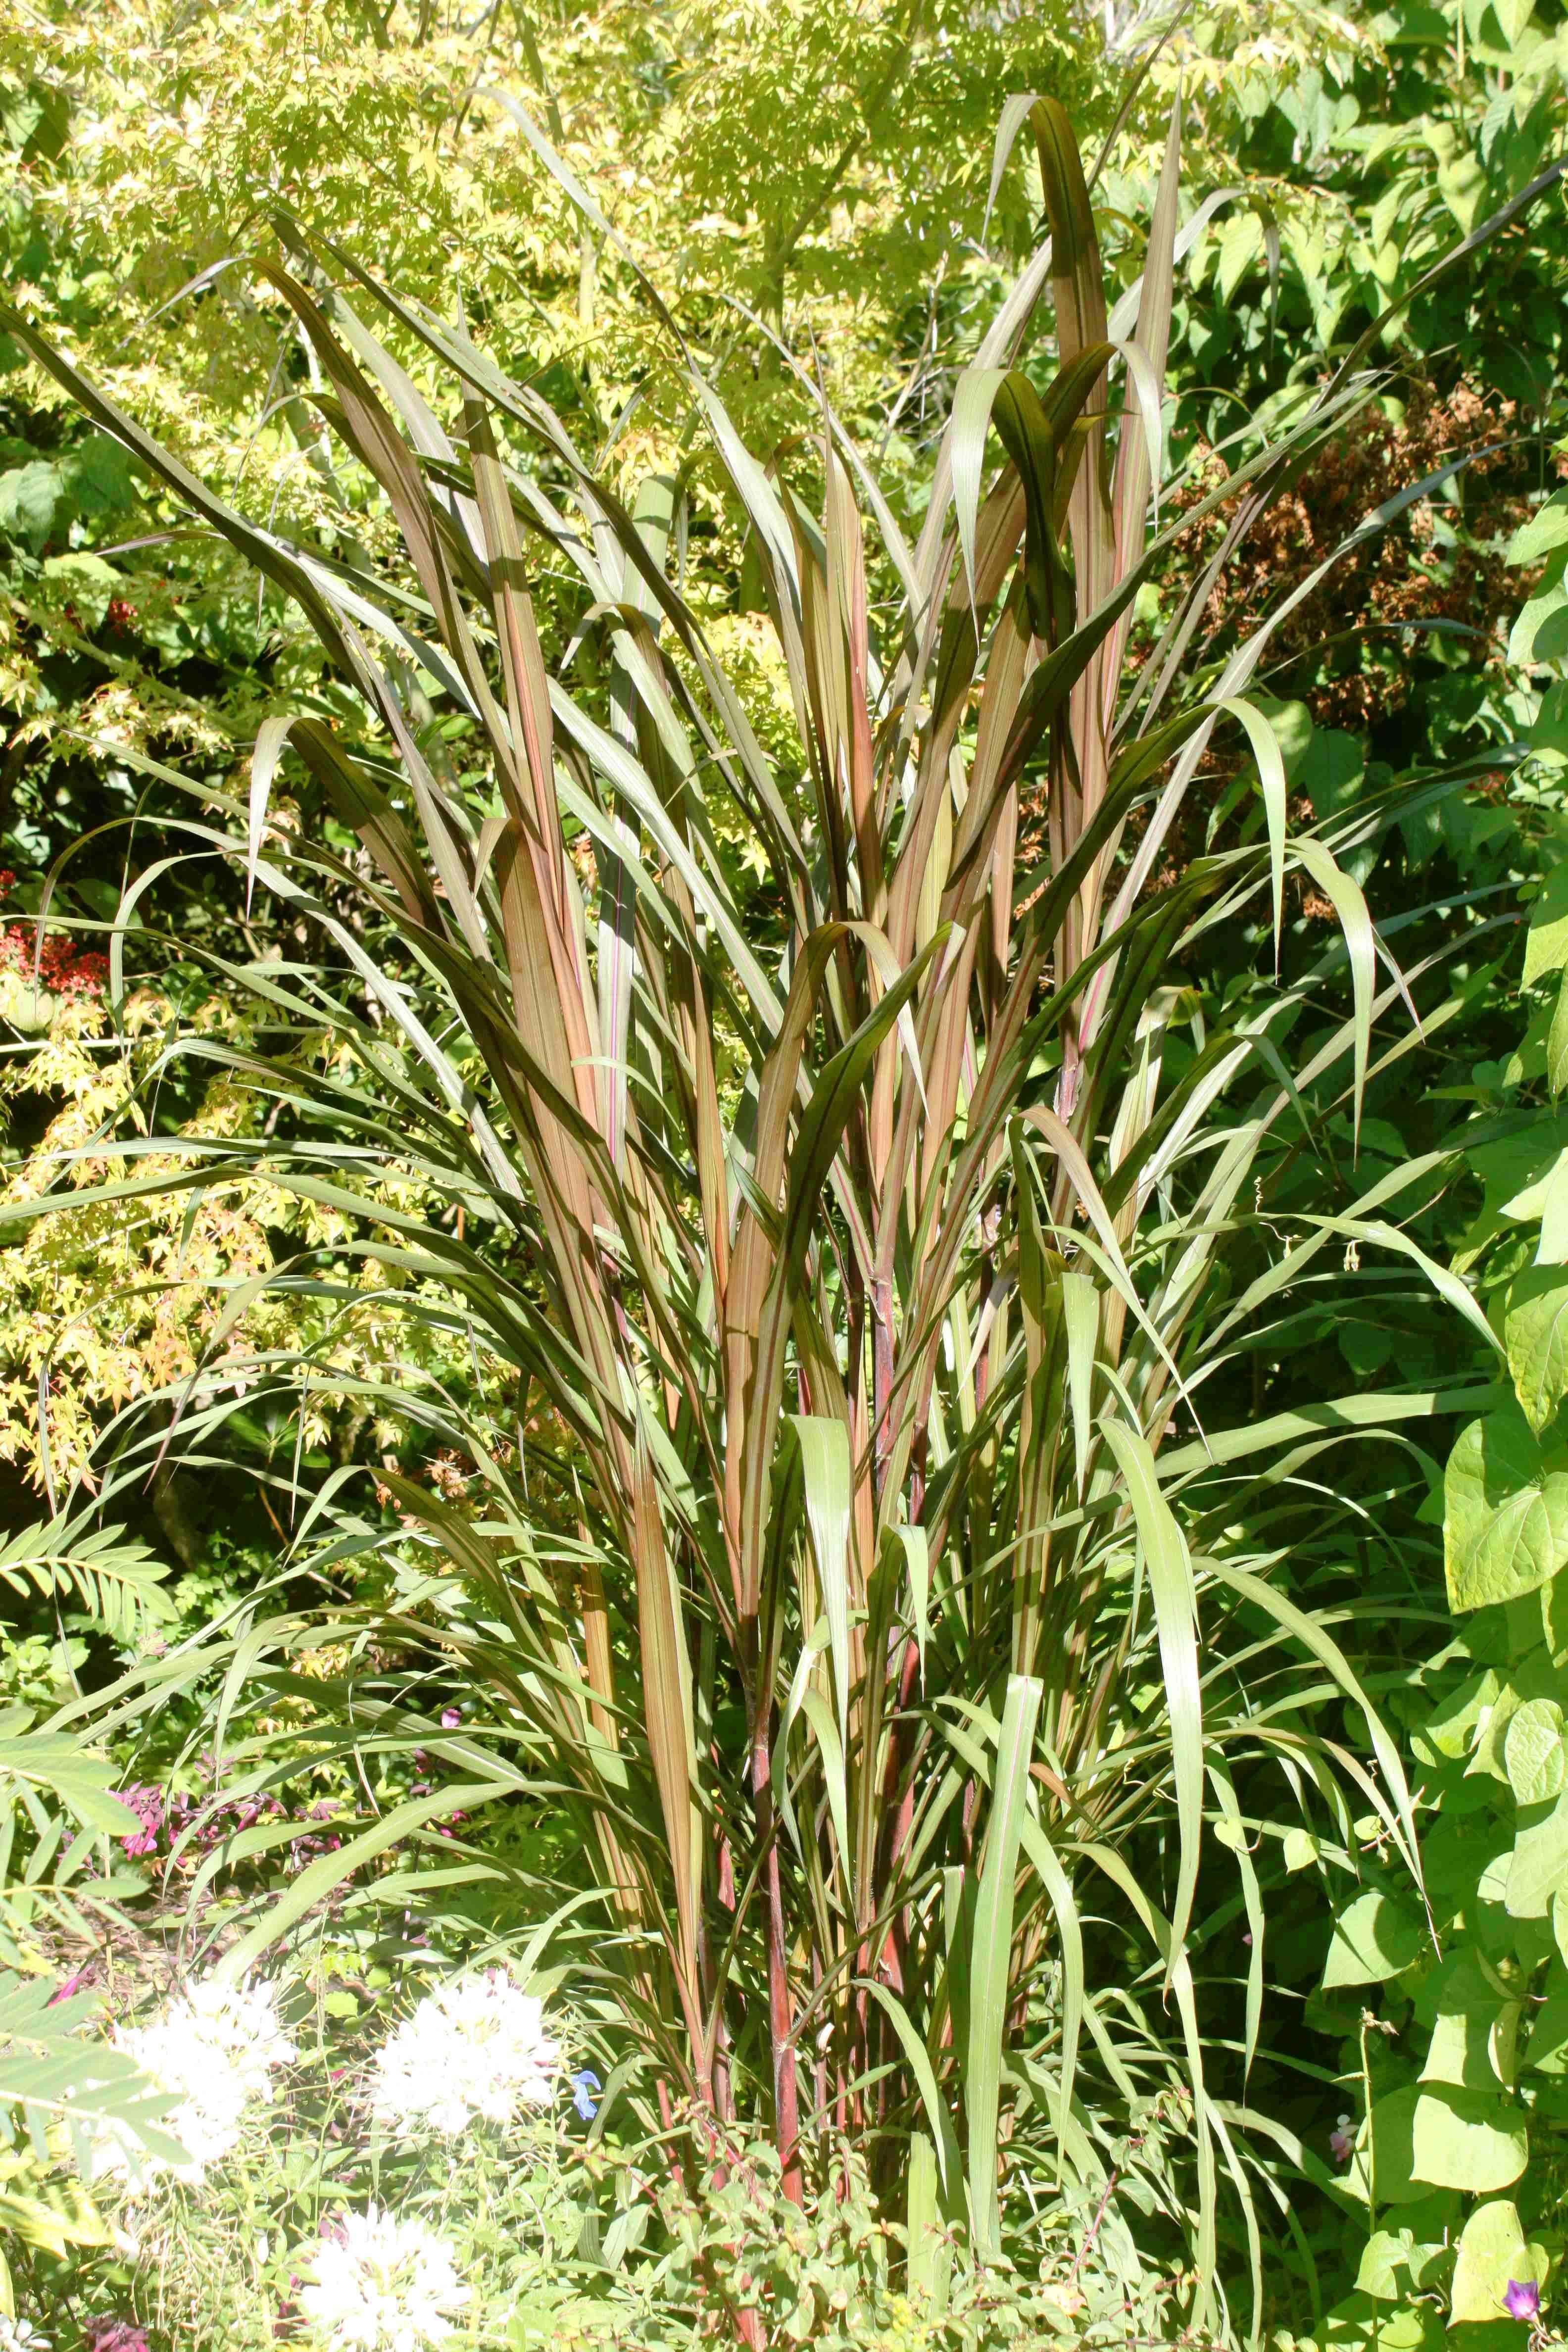 Saccharum-Officinarum-Purpureum-Poacees